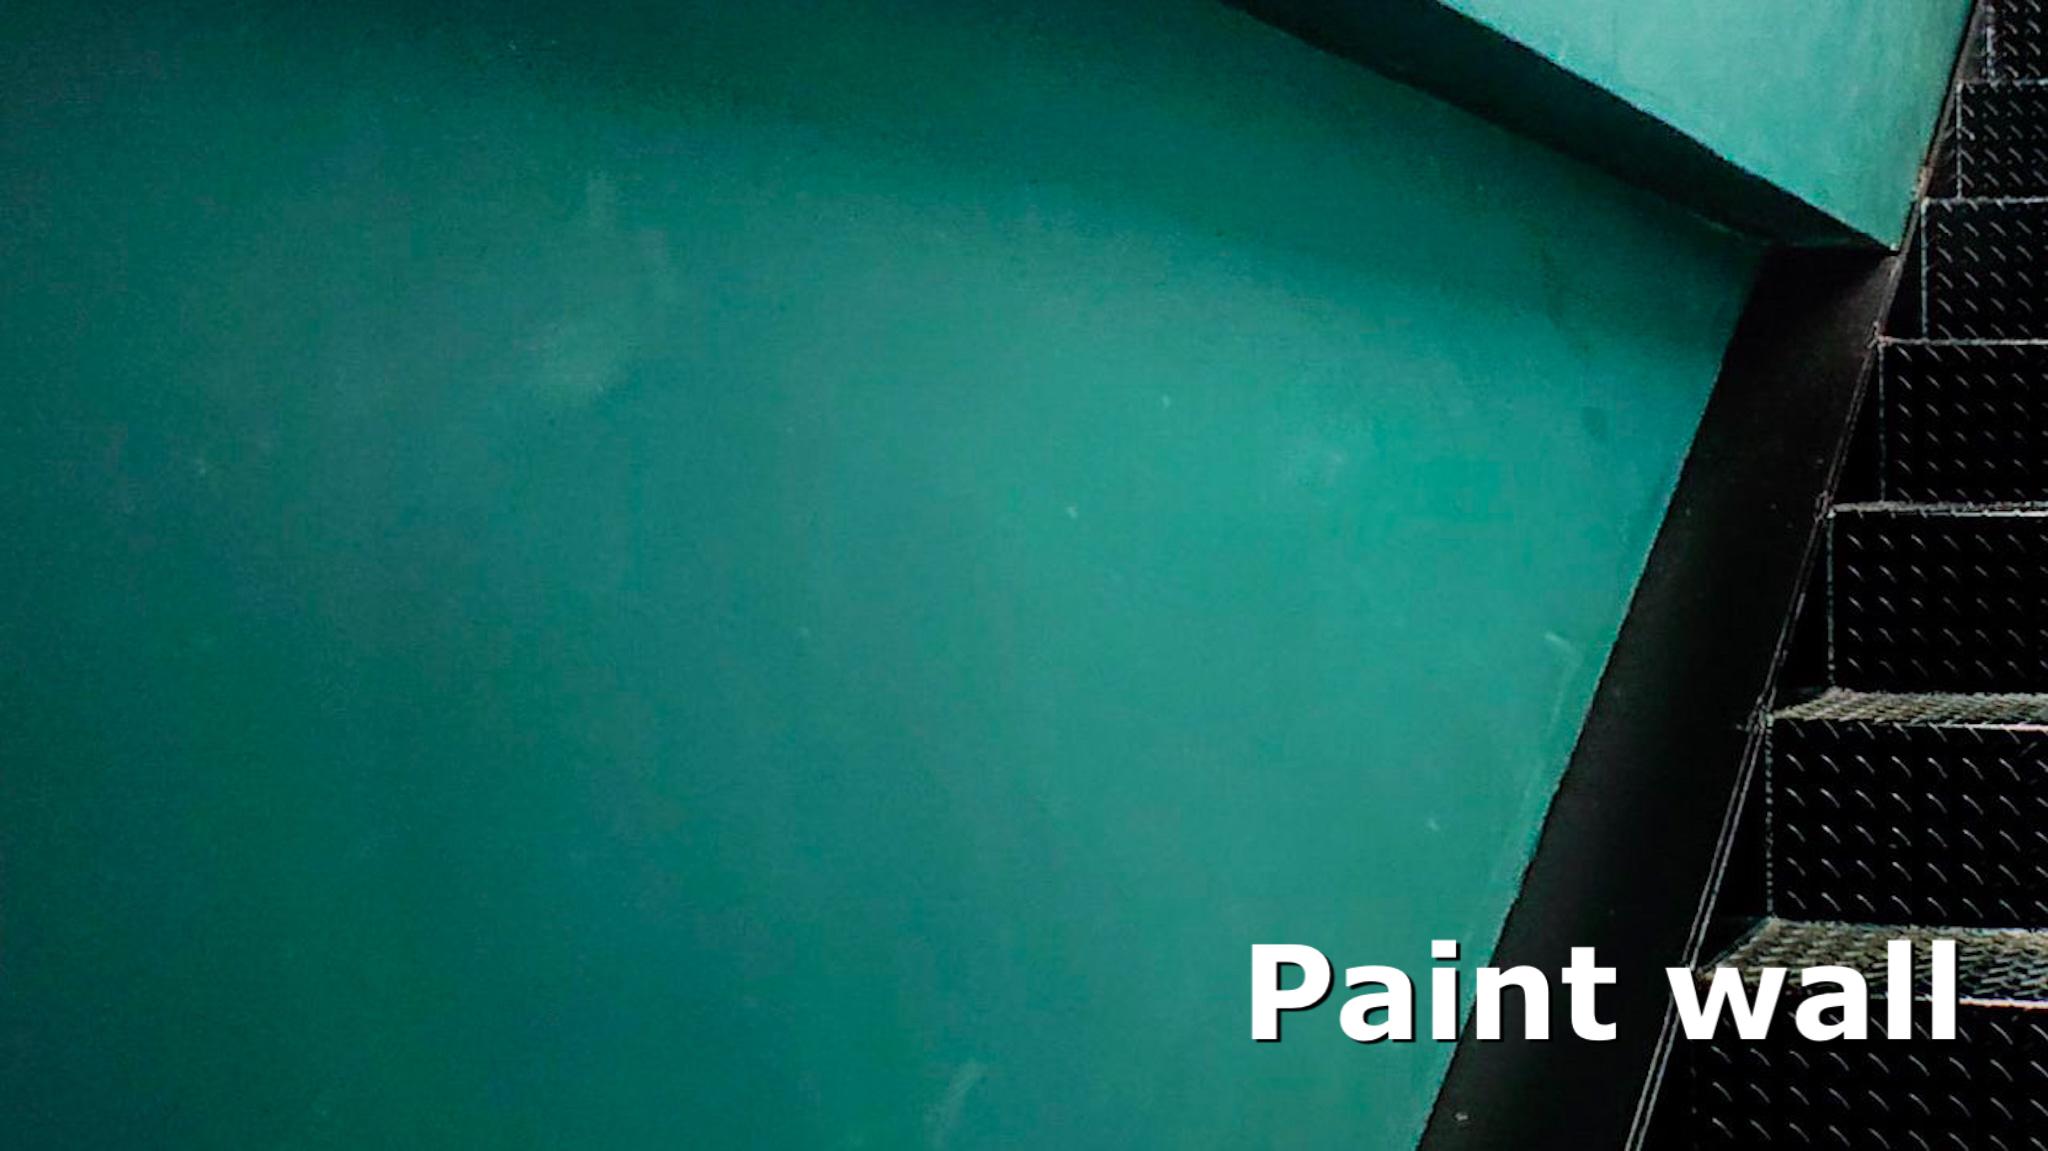 塗装・ペイントしておしゃれな壁へリフォーム(Paint wall)